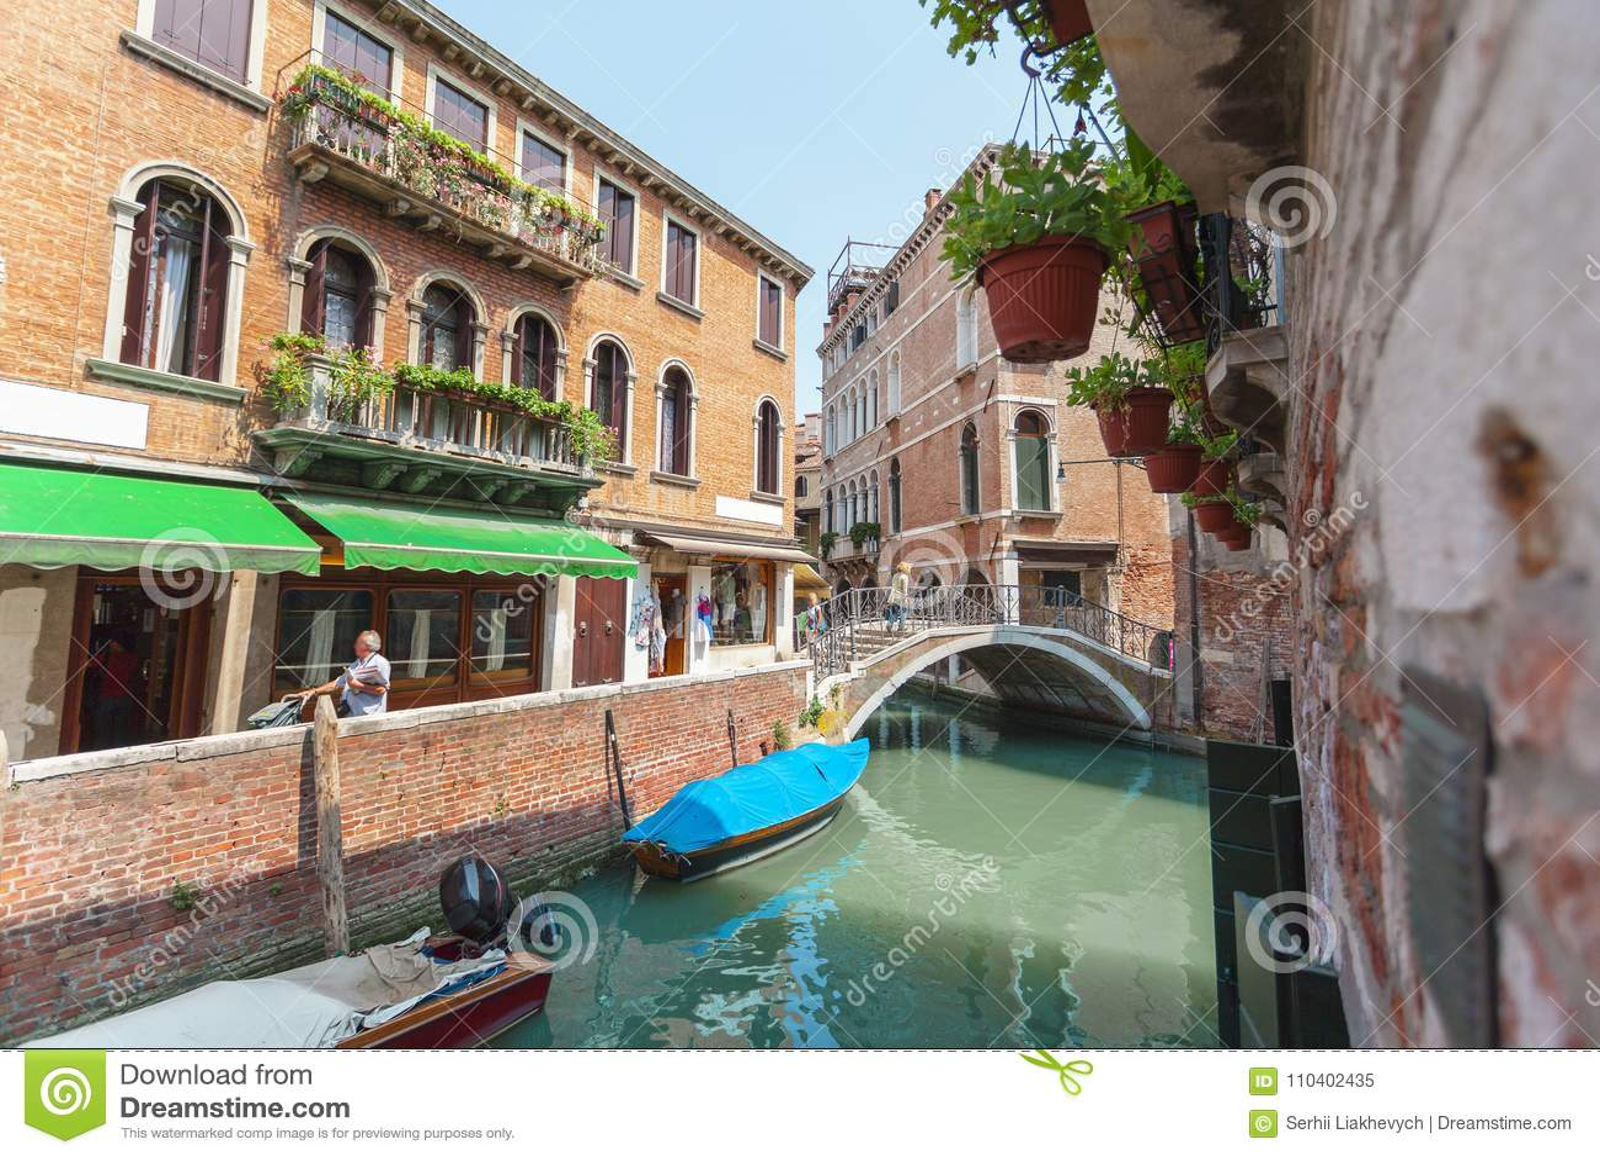 Άποψη του καναλιού στη Βενετία, Ιταλία Η Βενετία είναι ένας δημοφιλής τόπος προορισμού τουριστών της Ευρώπης